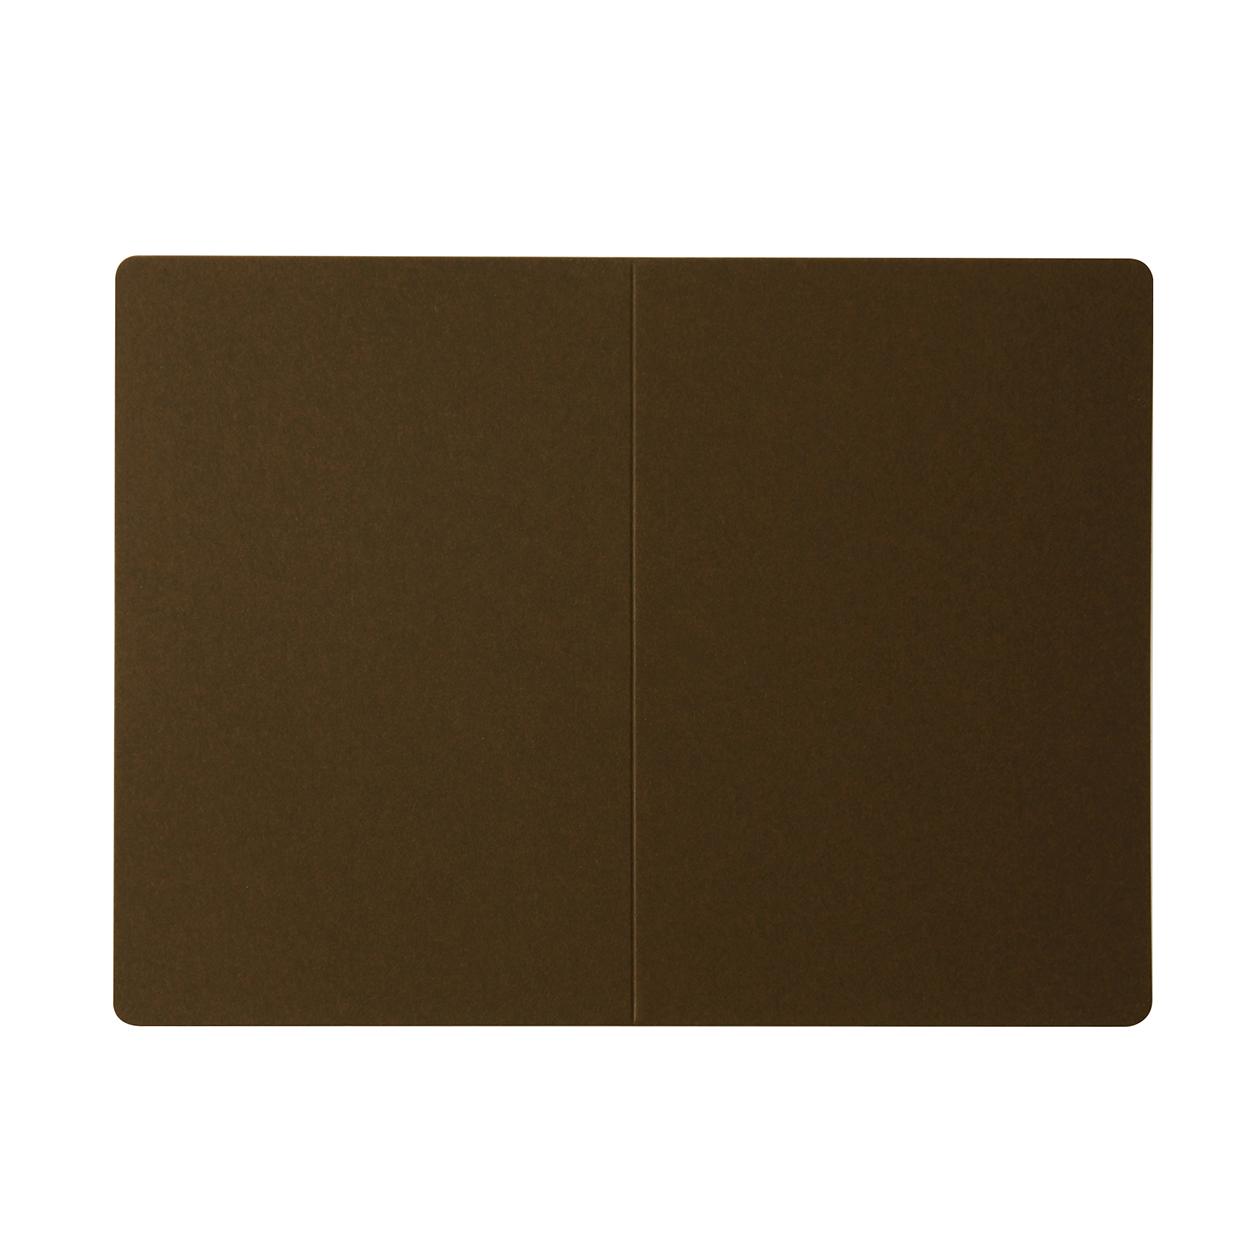 #53VカードR コットン チョコレート 291g